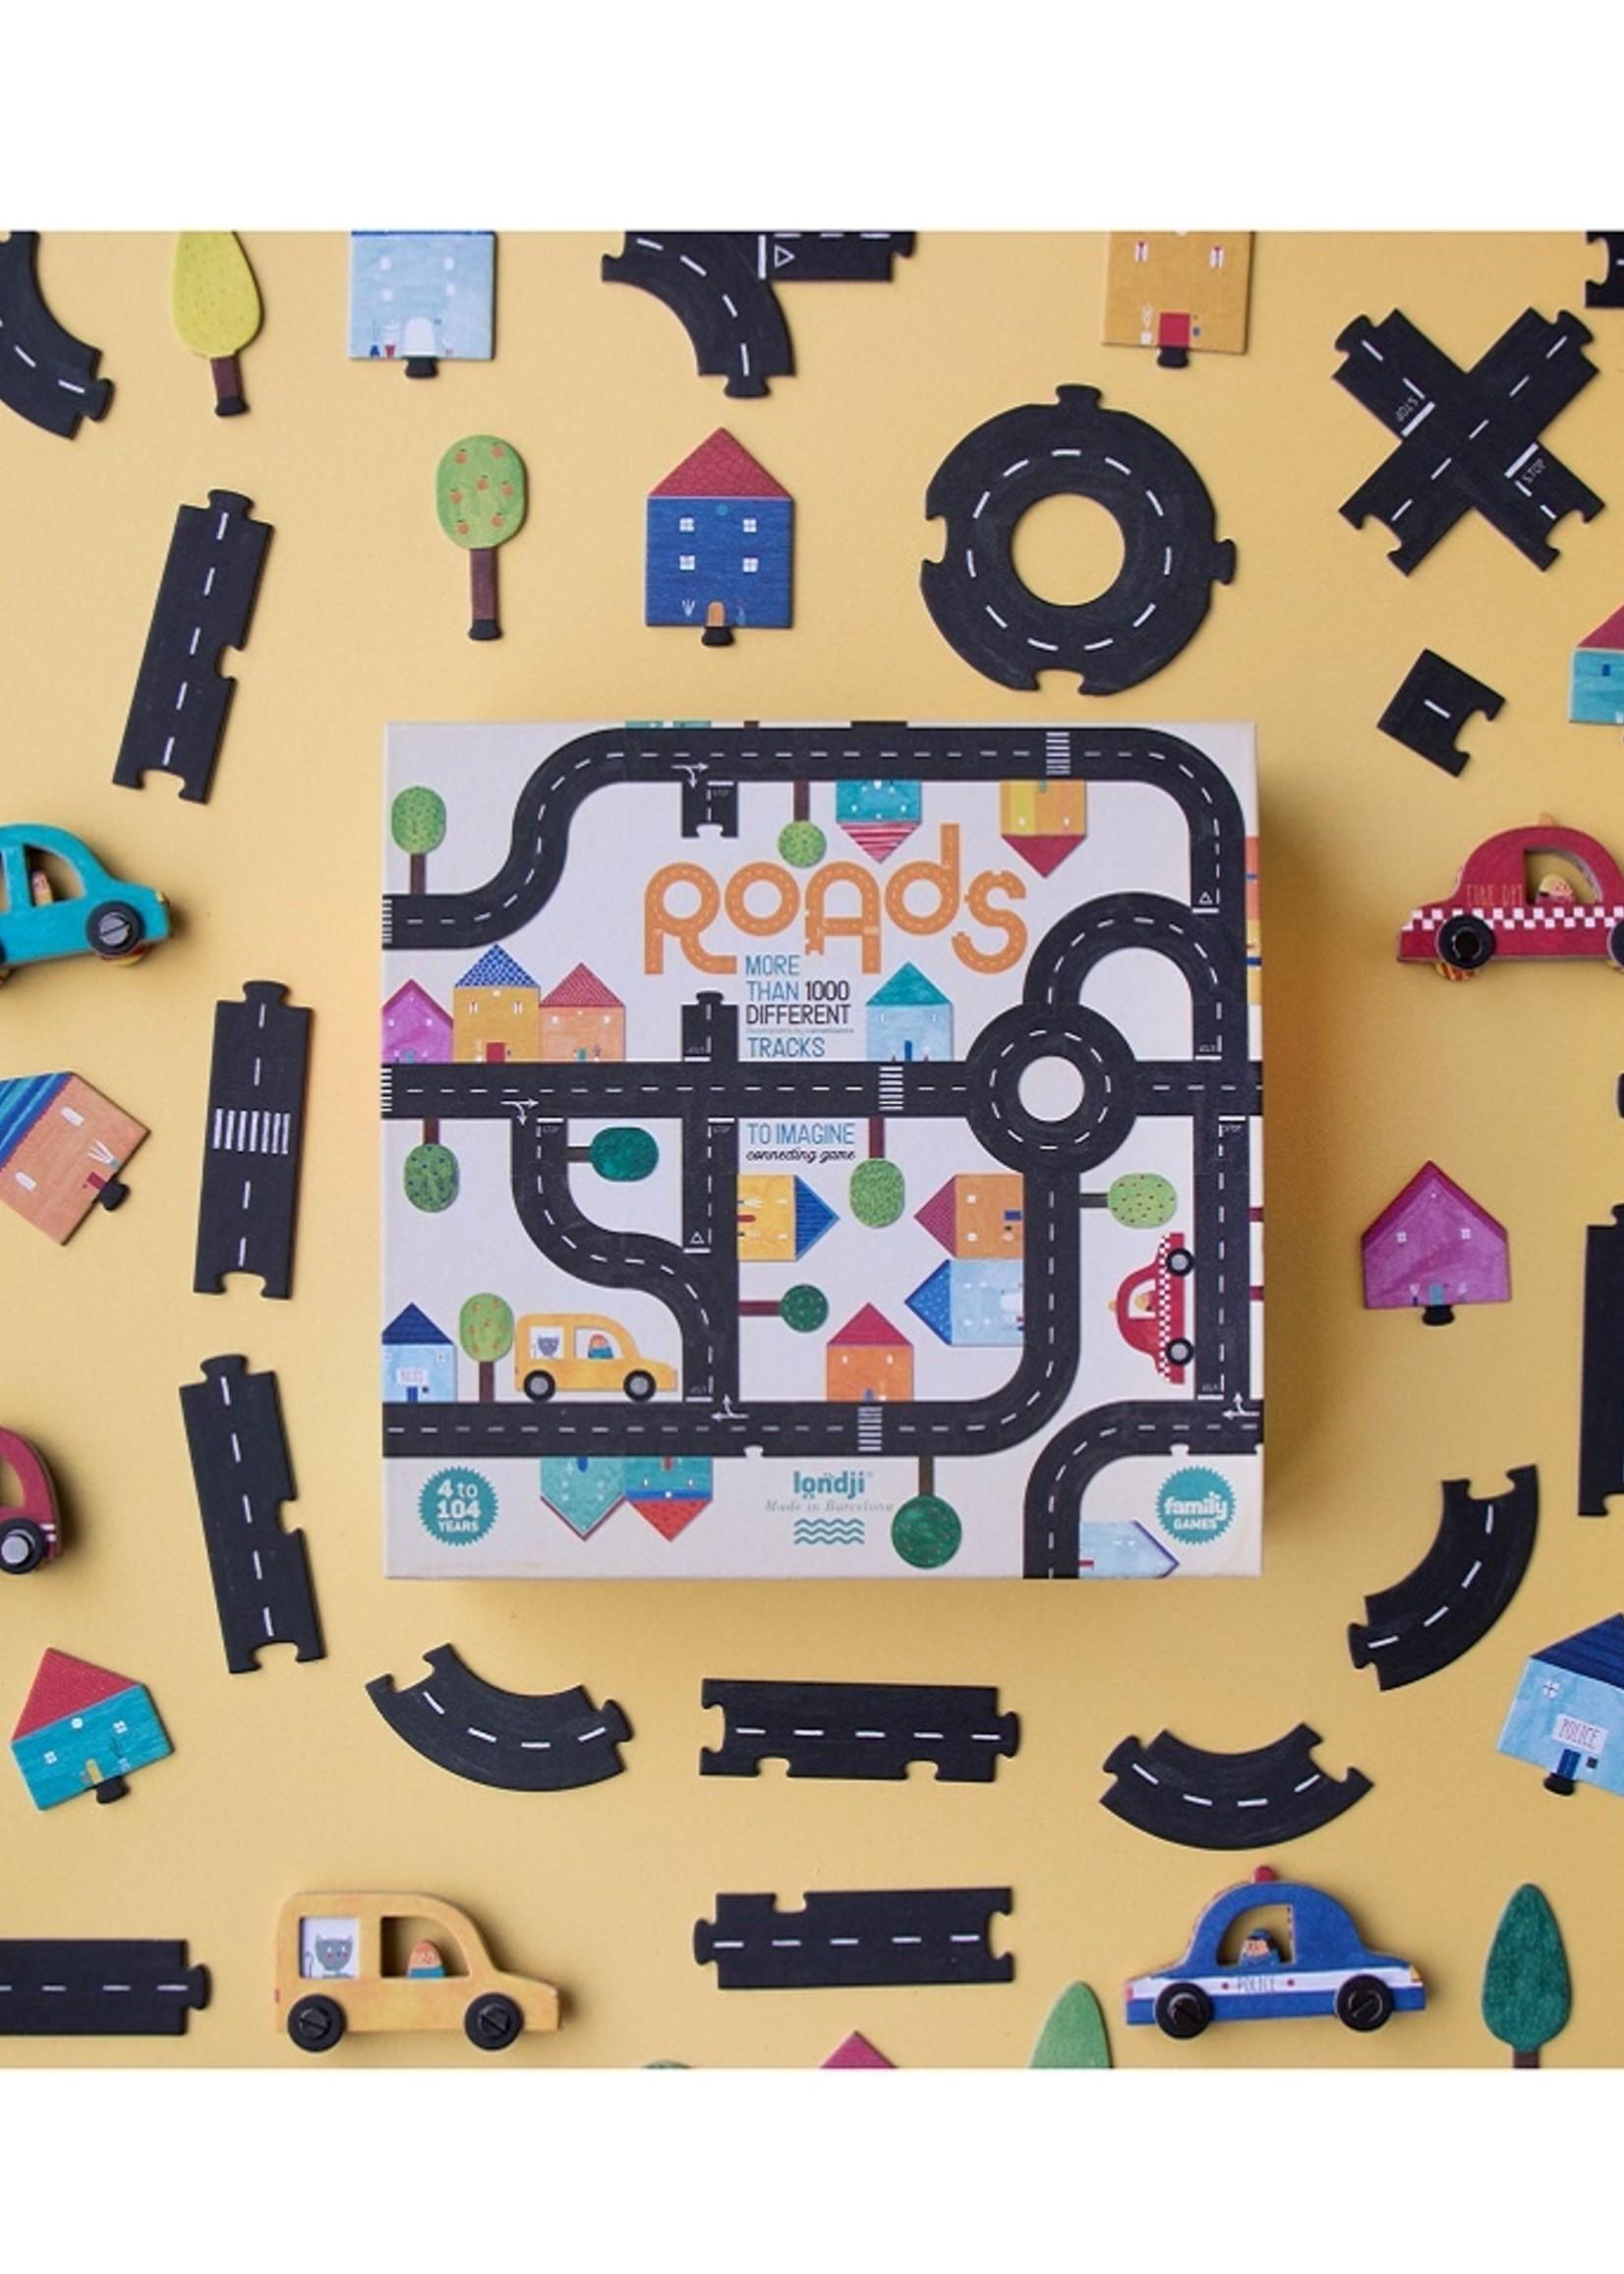 Game - Roads (CASELOT 3) - Londji